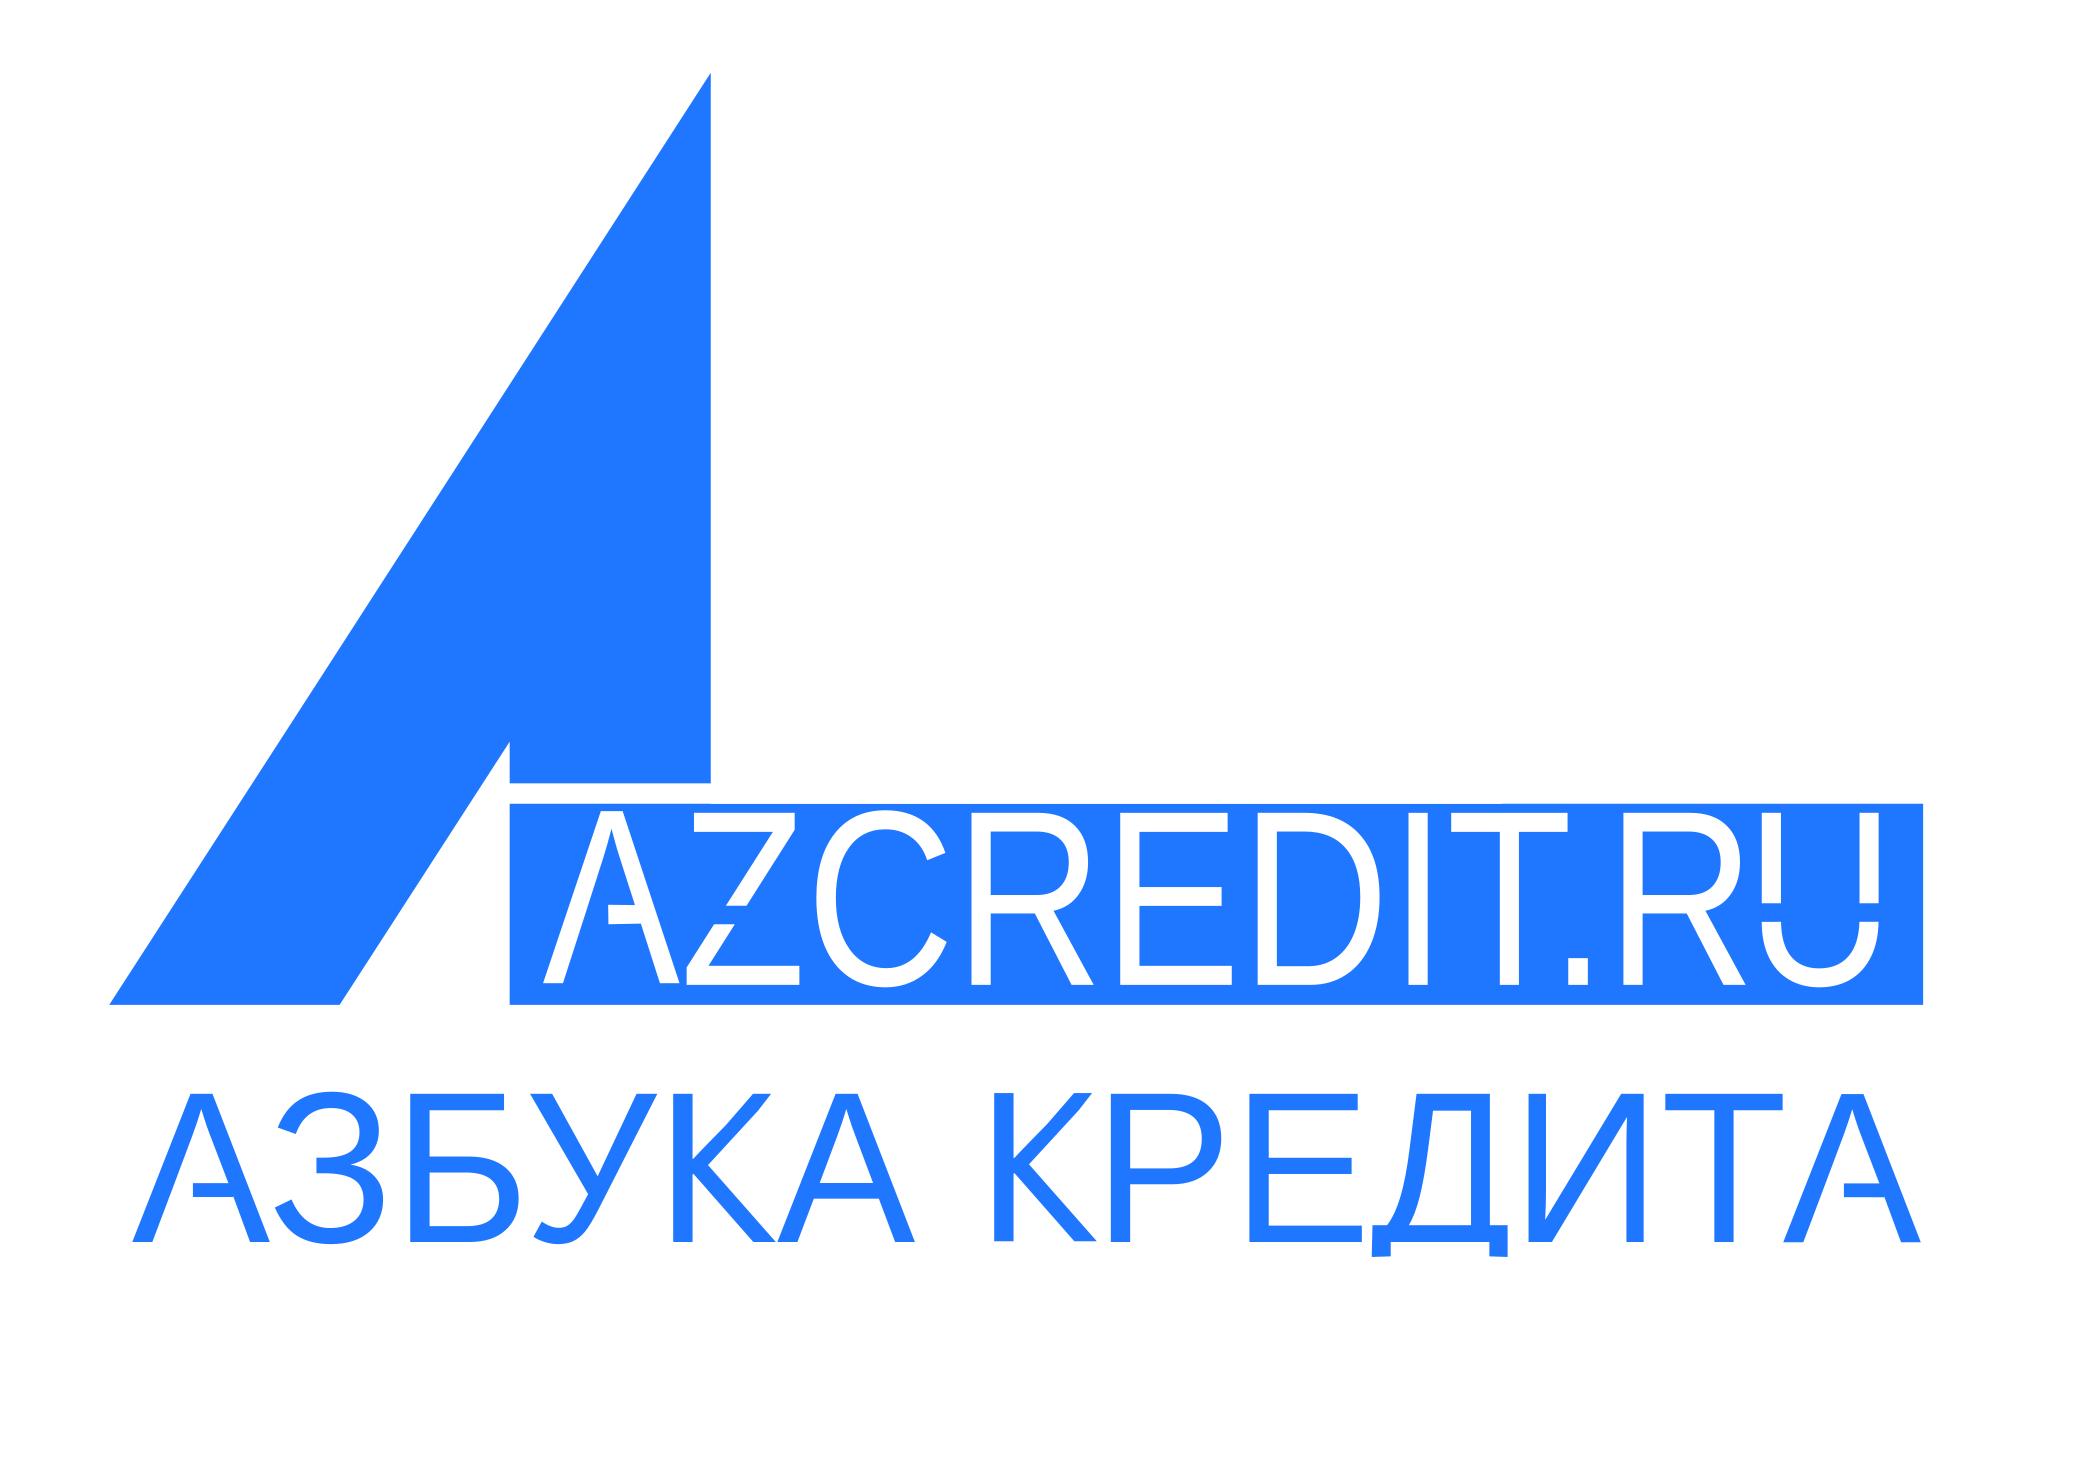 Разработать логотип для финансовой компании фото f_8405def9e893edae.png